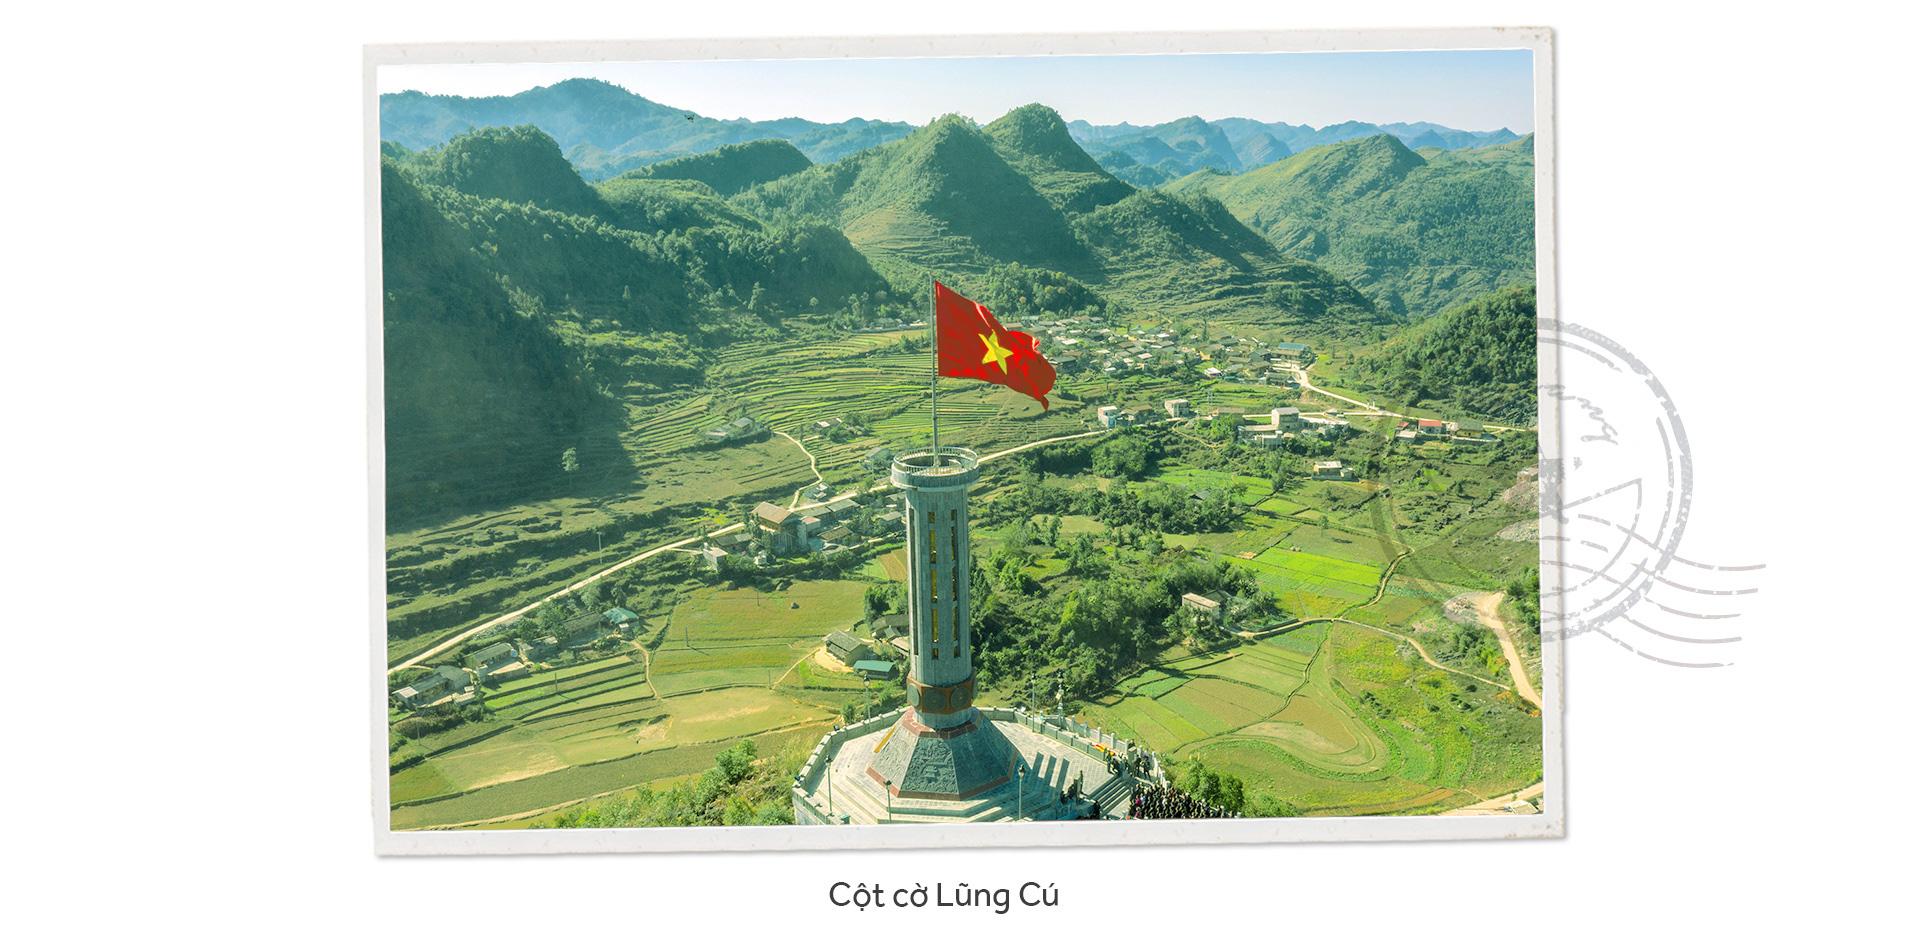 55 năm Cung đường Hạnh Phúc trên trập trùng núi đá Hà Giang - Ảnh 15.